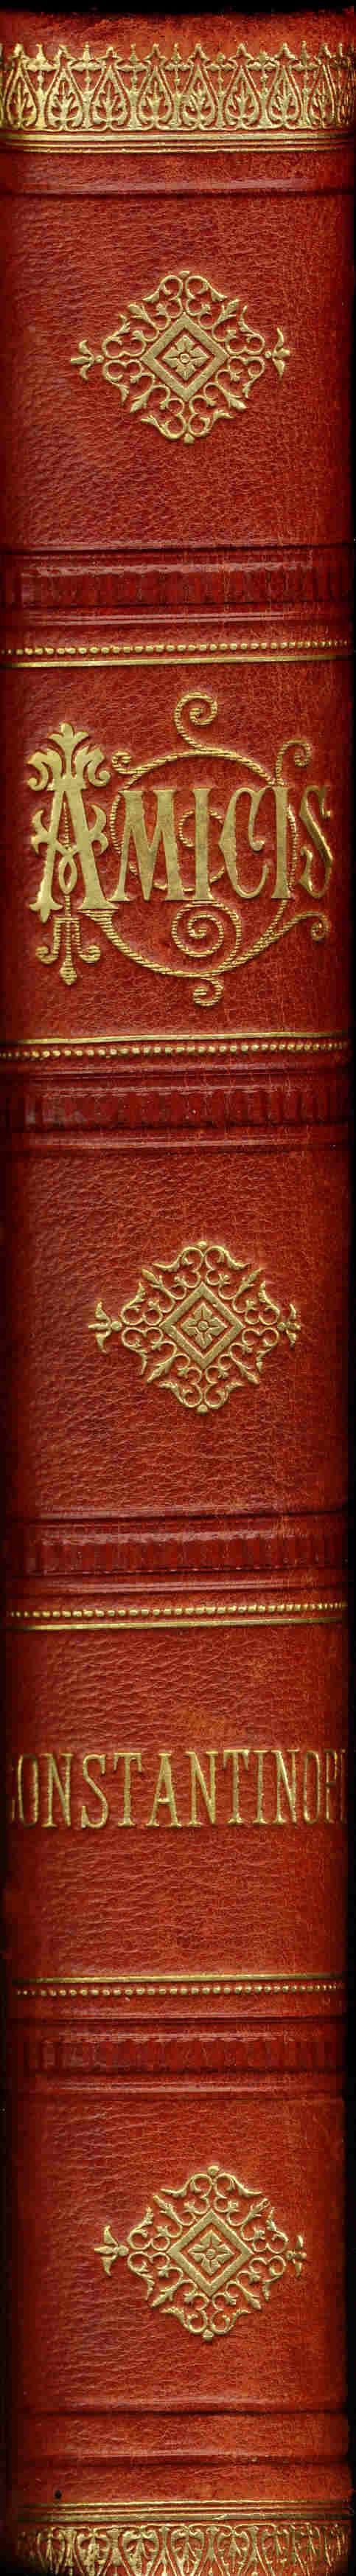 Mis grandes libros antiguos